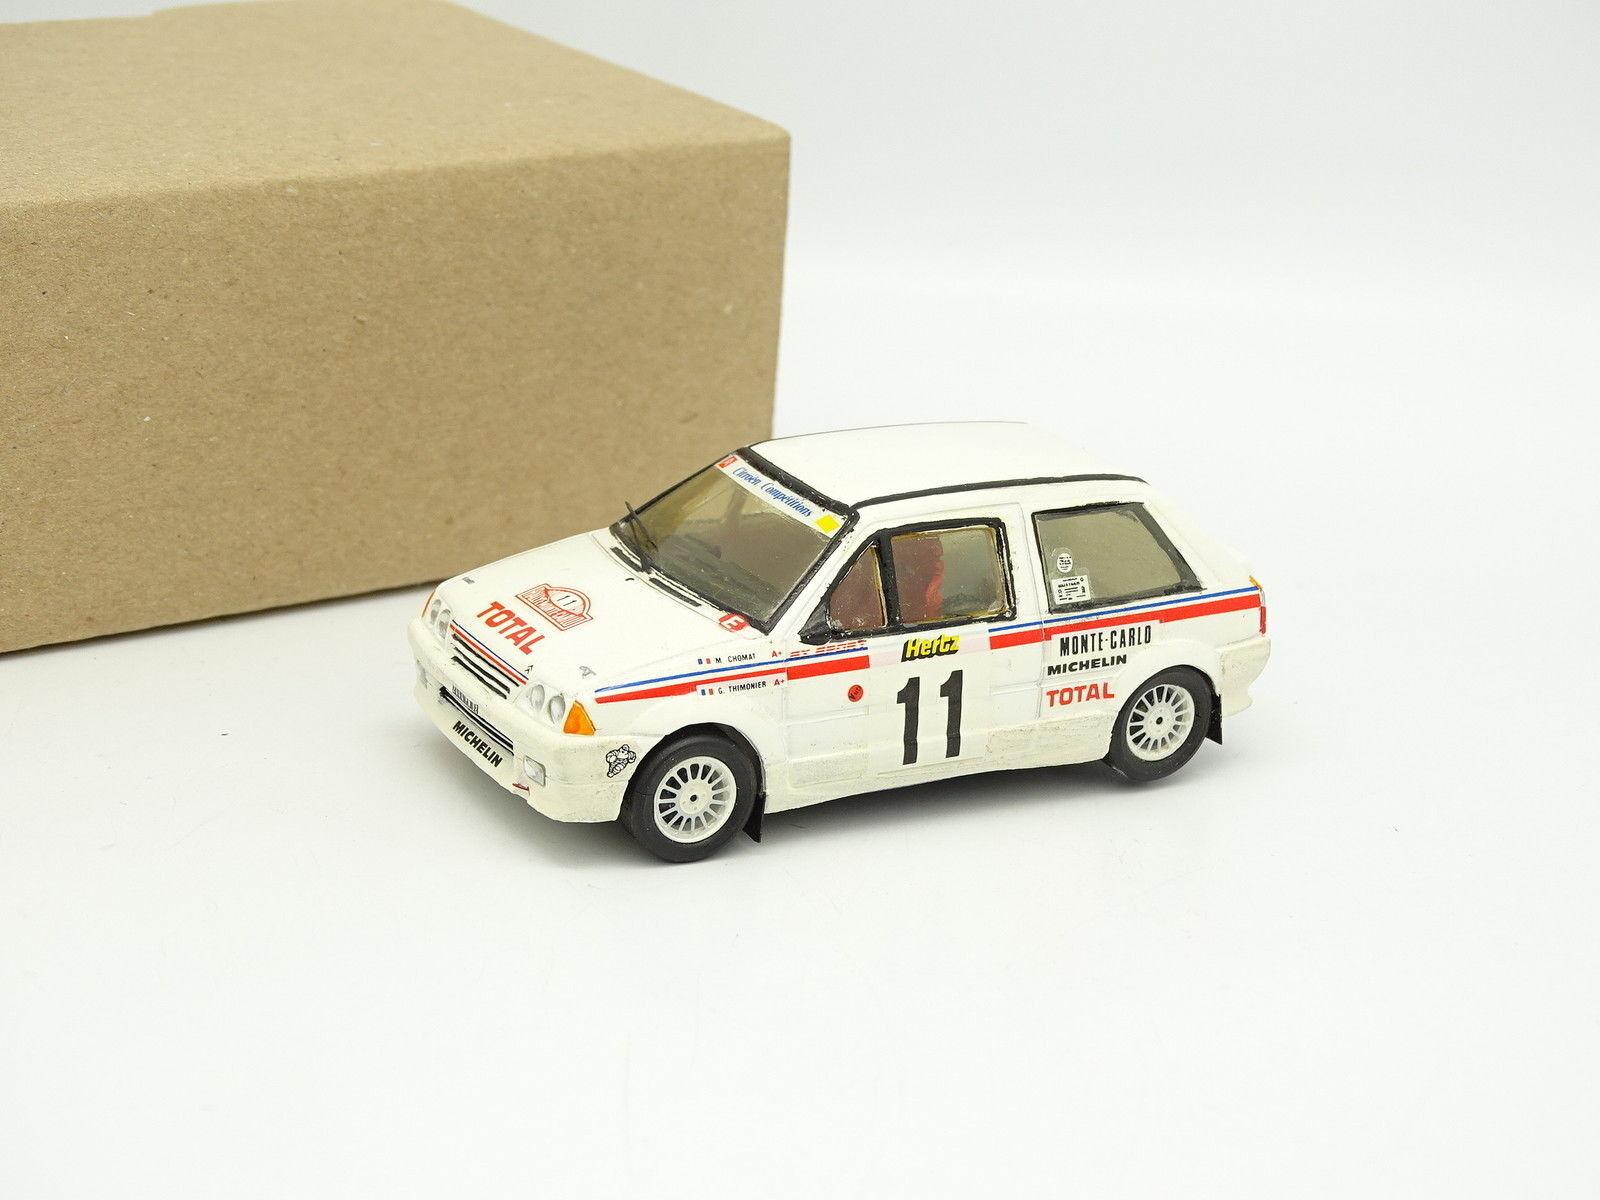 Provence Riproduzione Kit Montato 1/43 Citroen AX Sport Rally Monte Carlo 1988